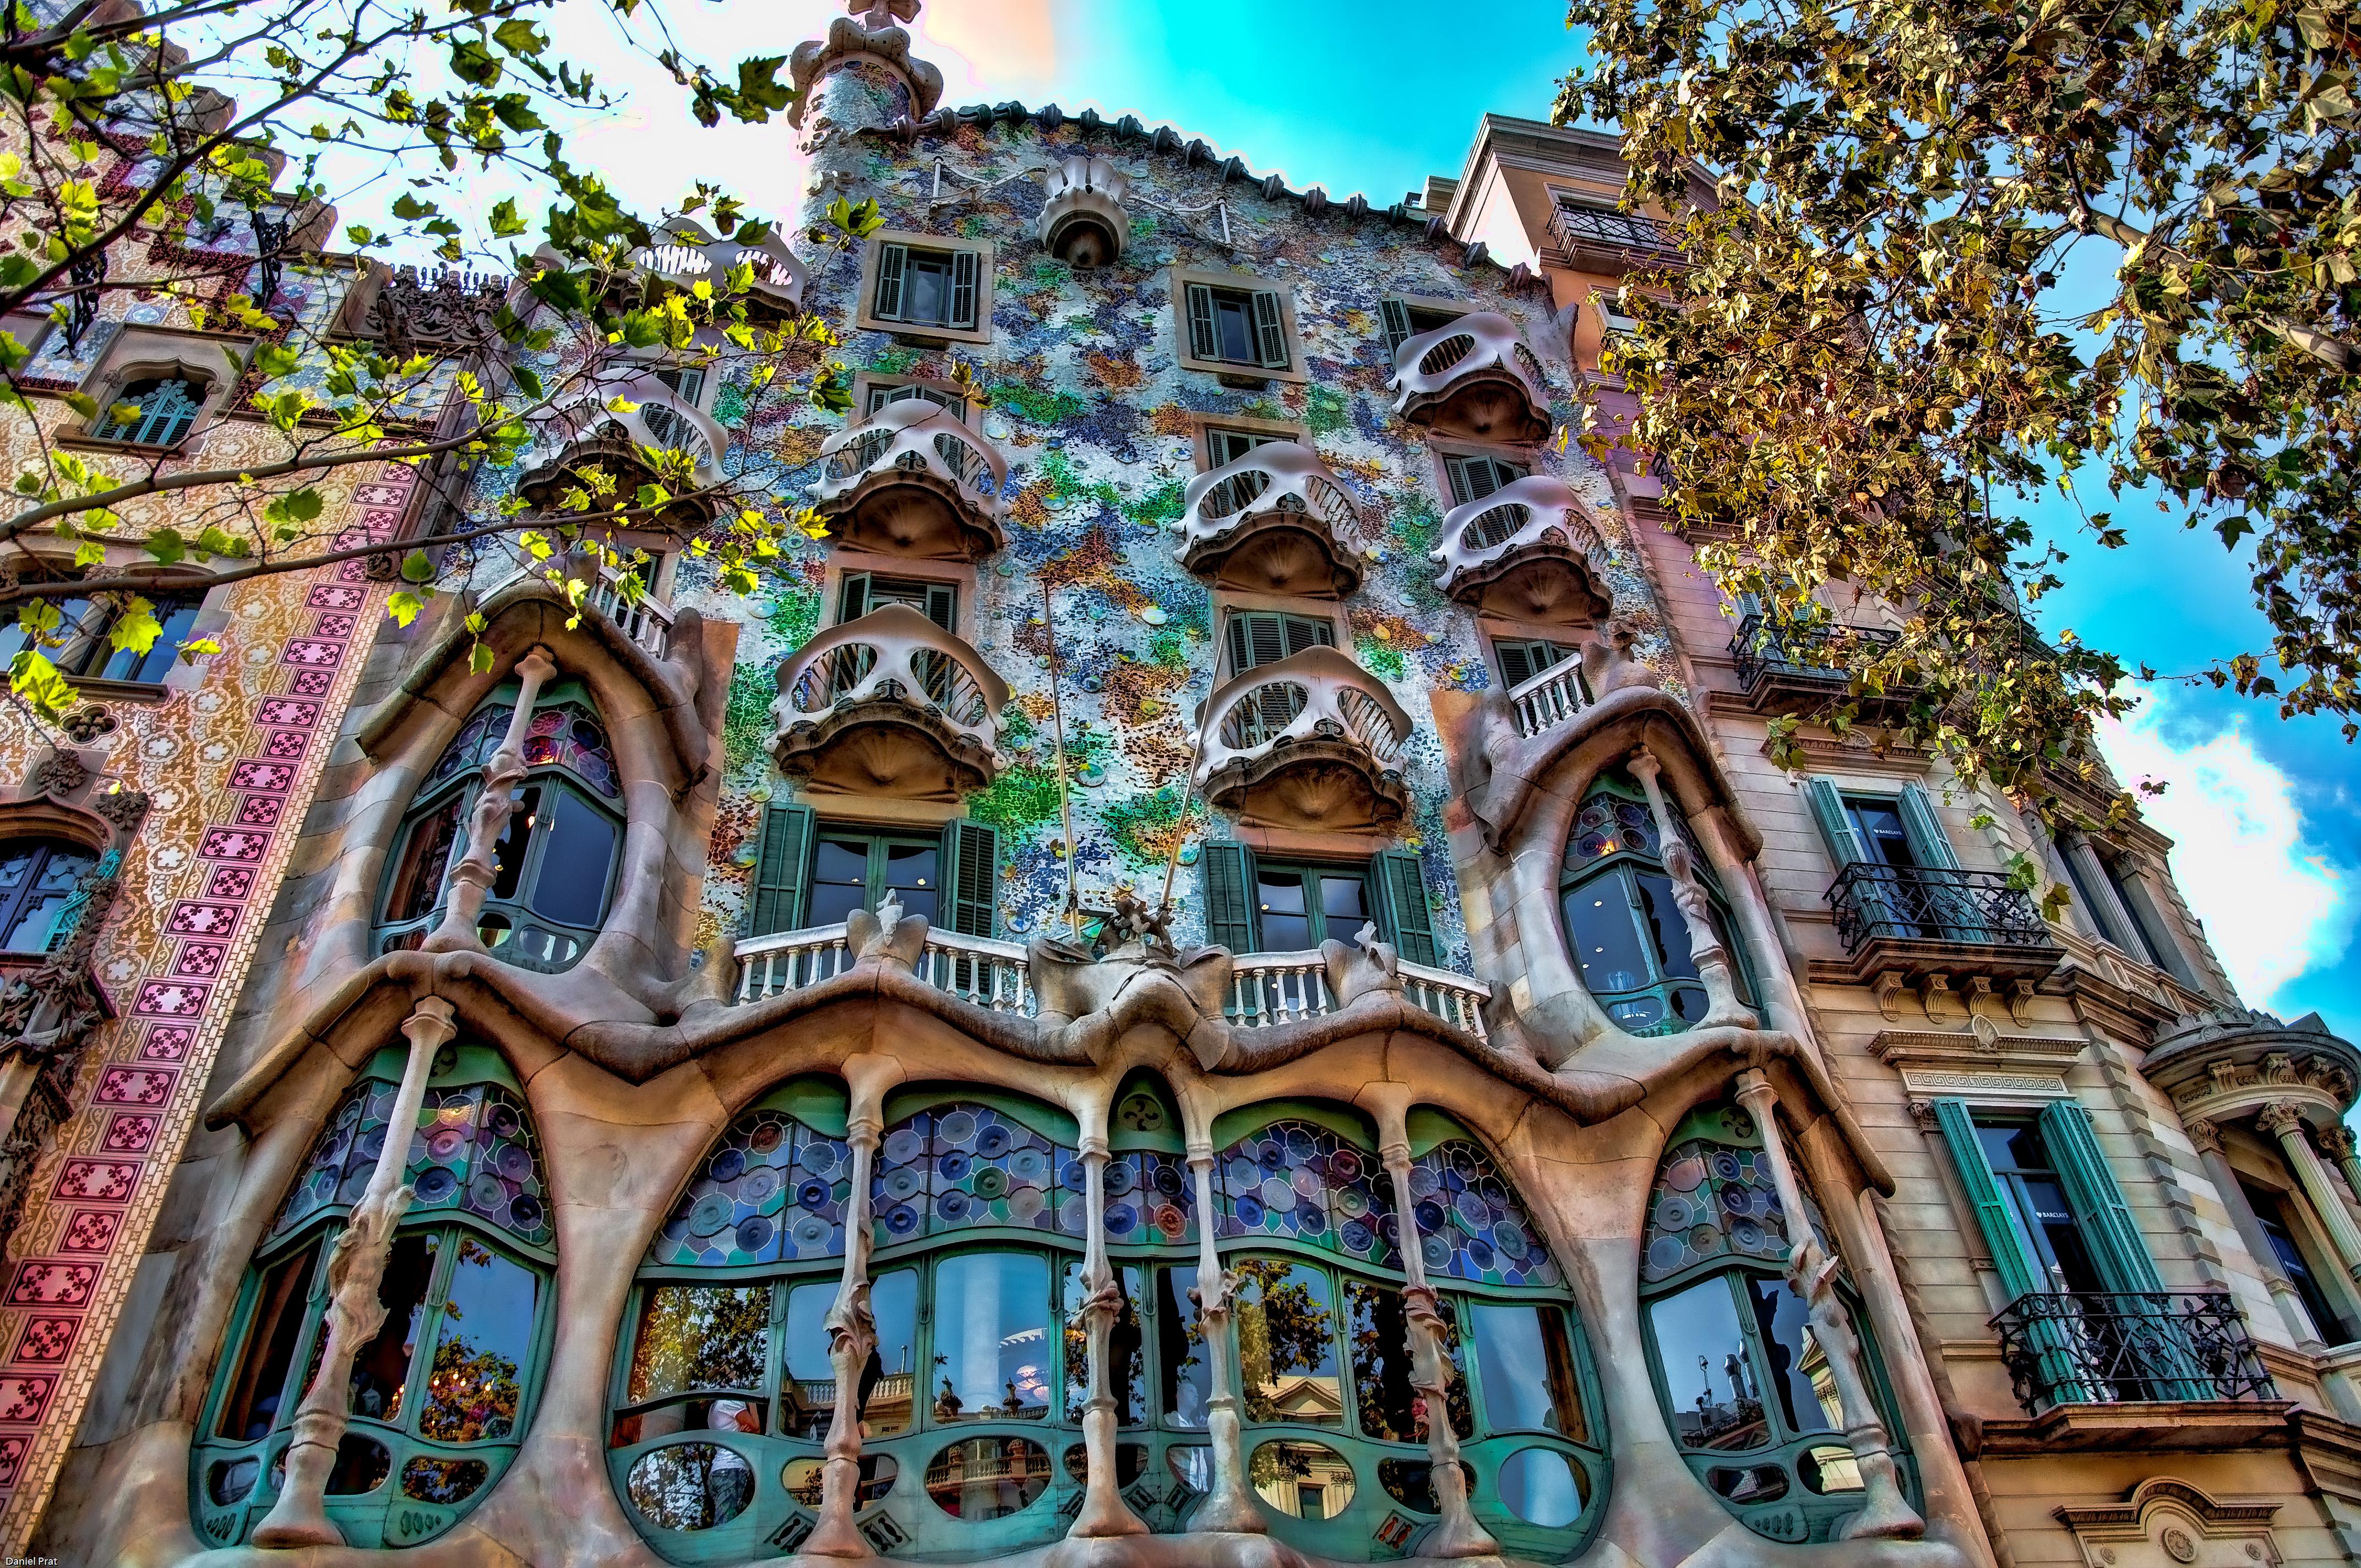 Barcellona antoni gaud e il riciclo creativo di casa batll thesignofcolor - Casa en catalan ...